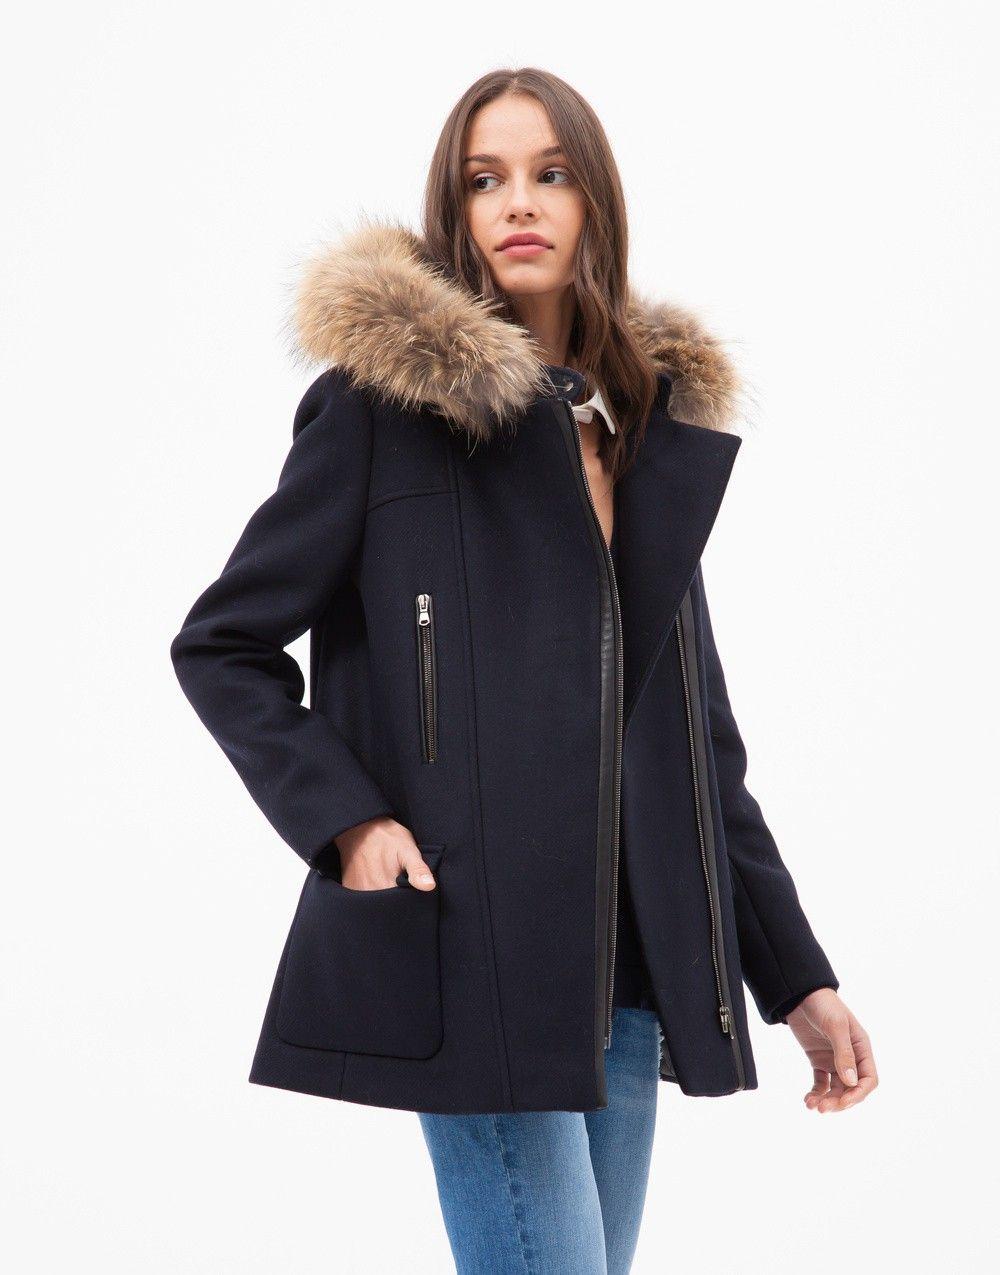 Duffle-coat gabie marine - femme - zapa 1   mode femme   Duffle coat ... 3a44aa2e49d